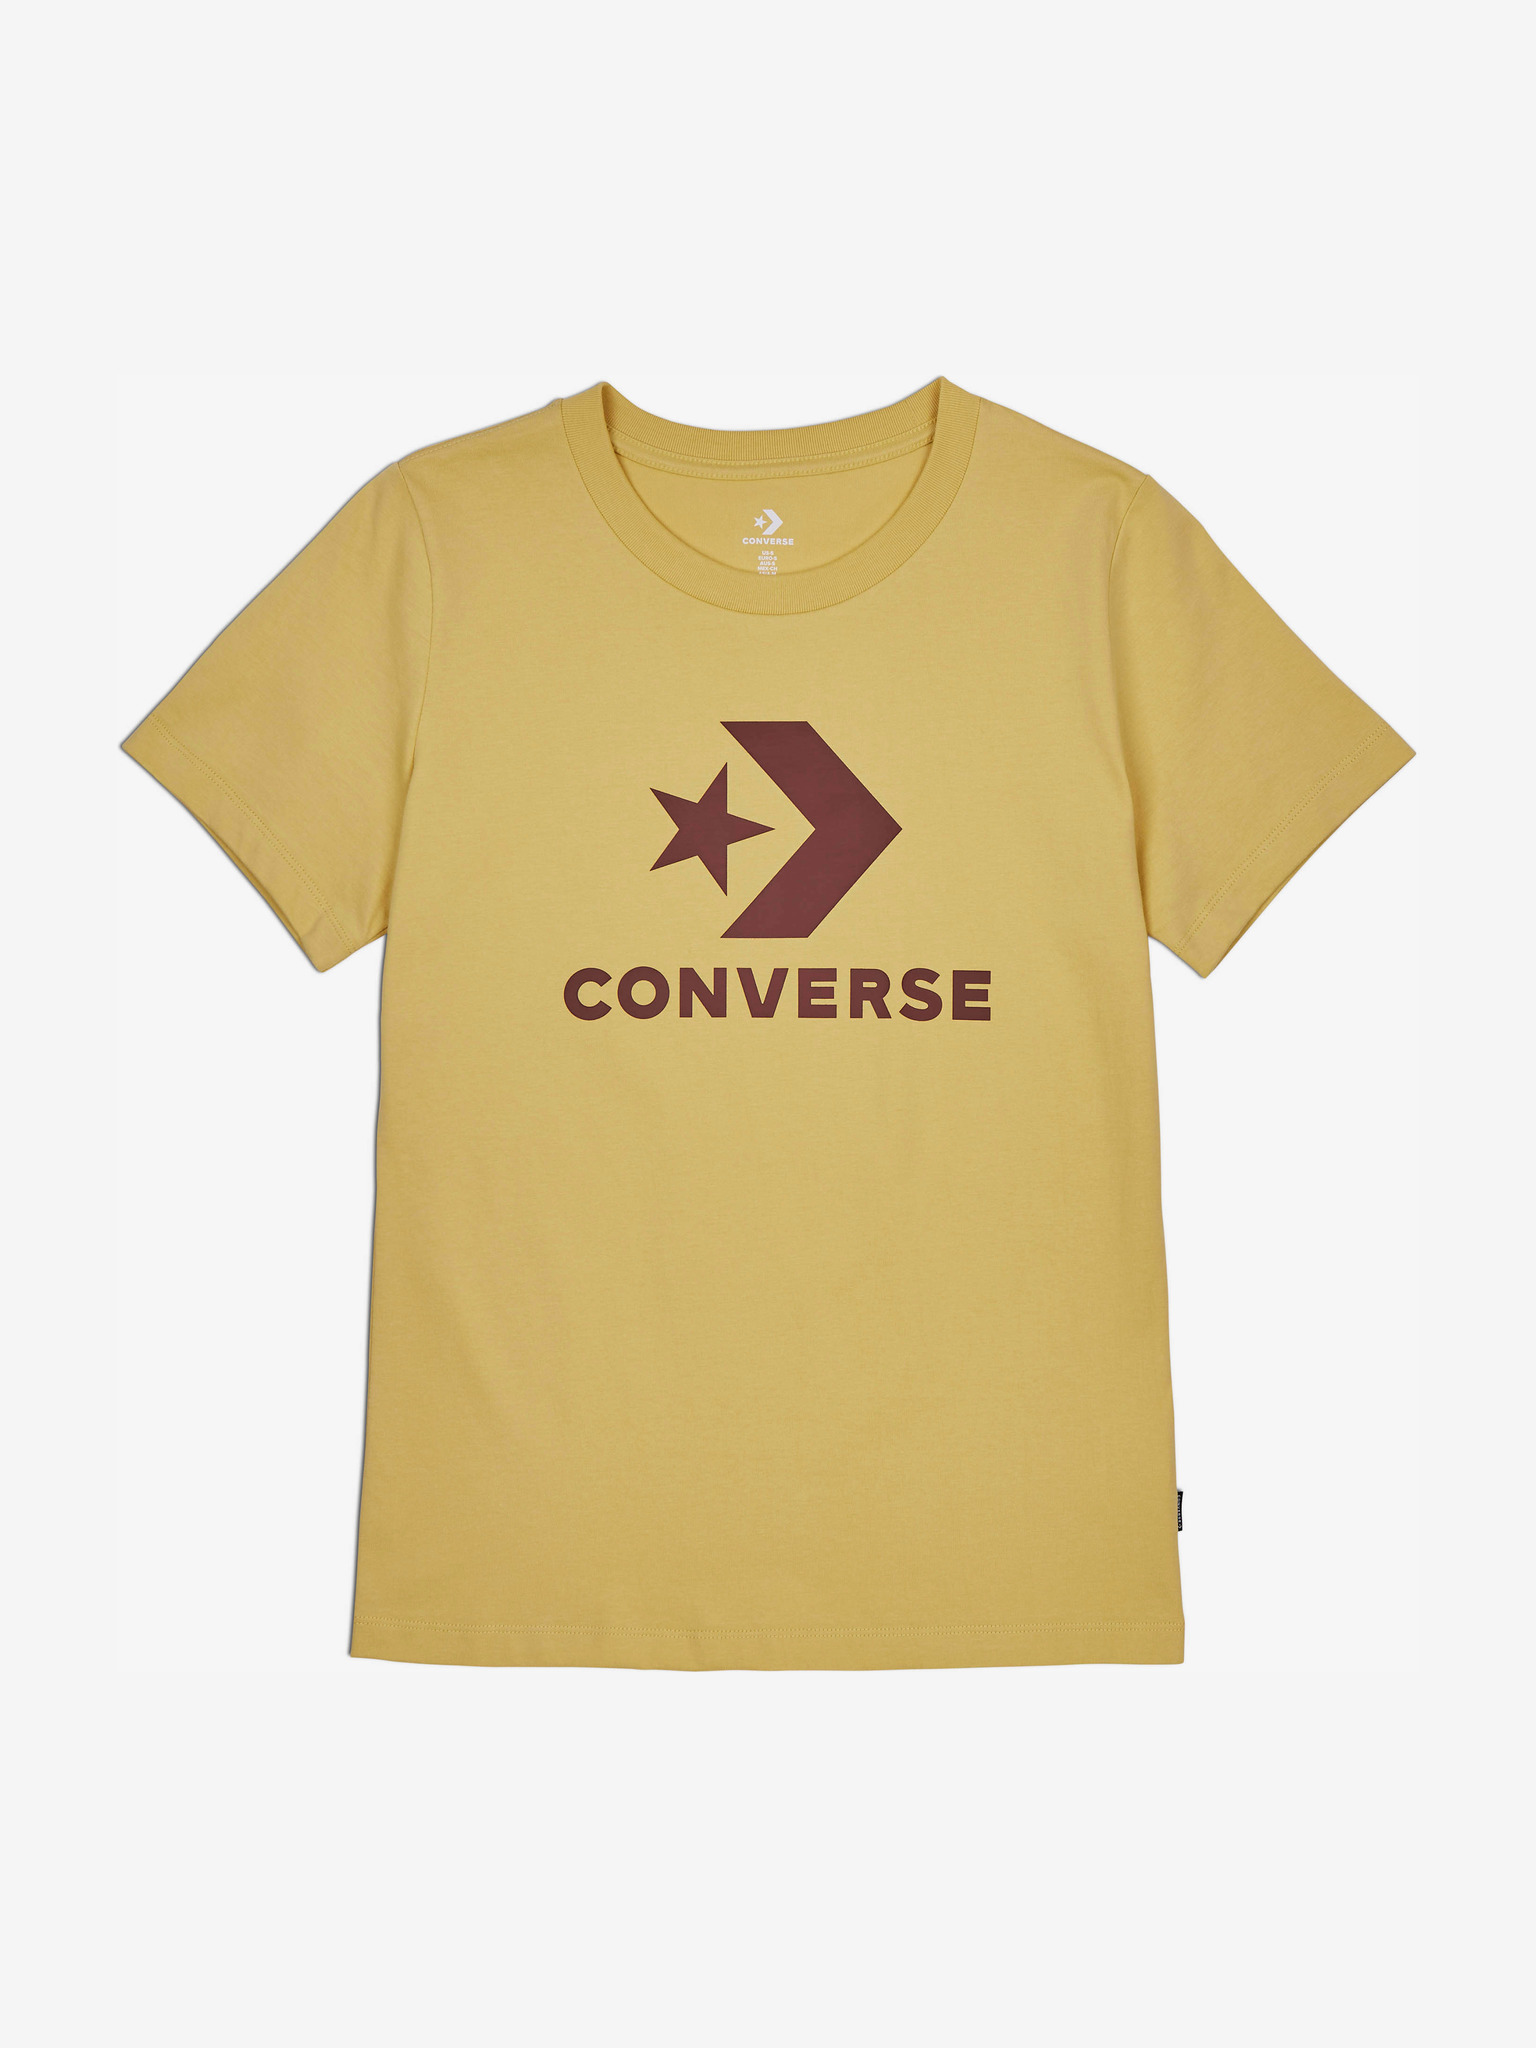 Converse Women's t-shirt yellow  Star